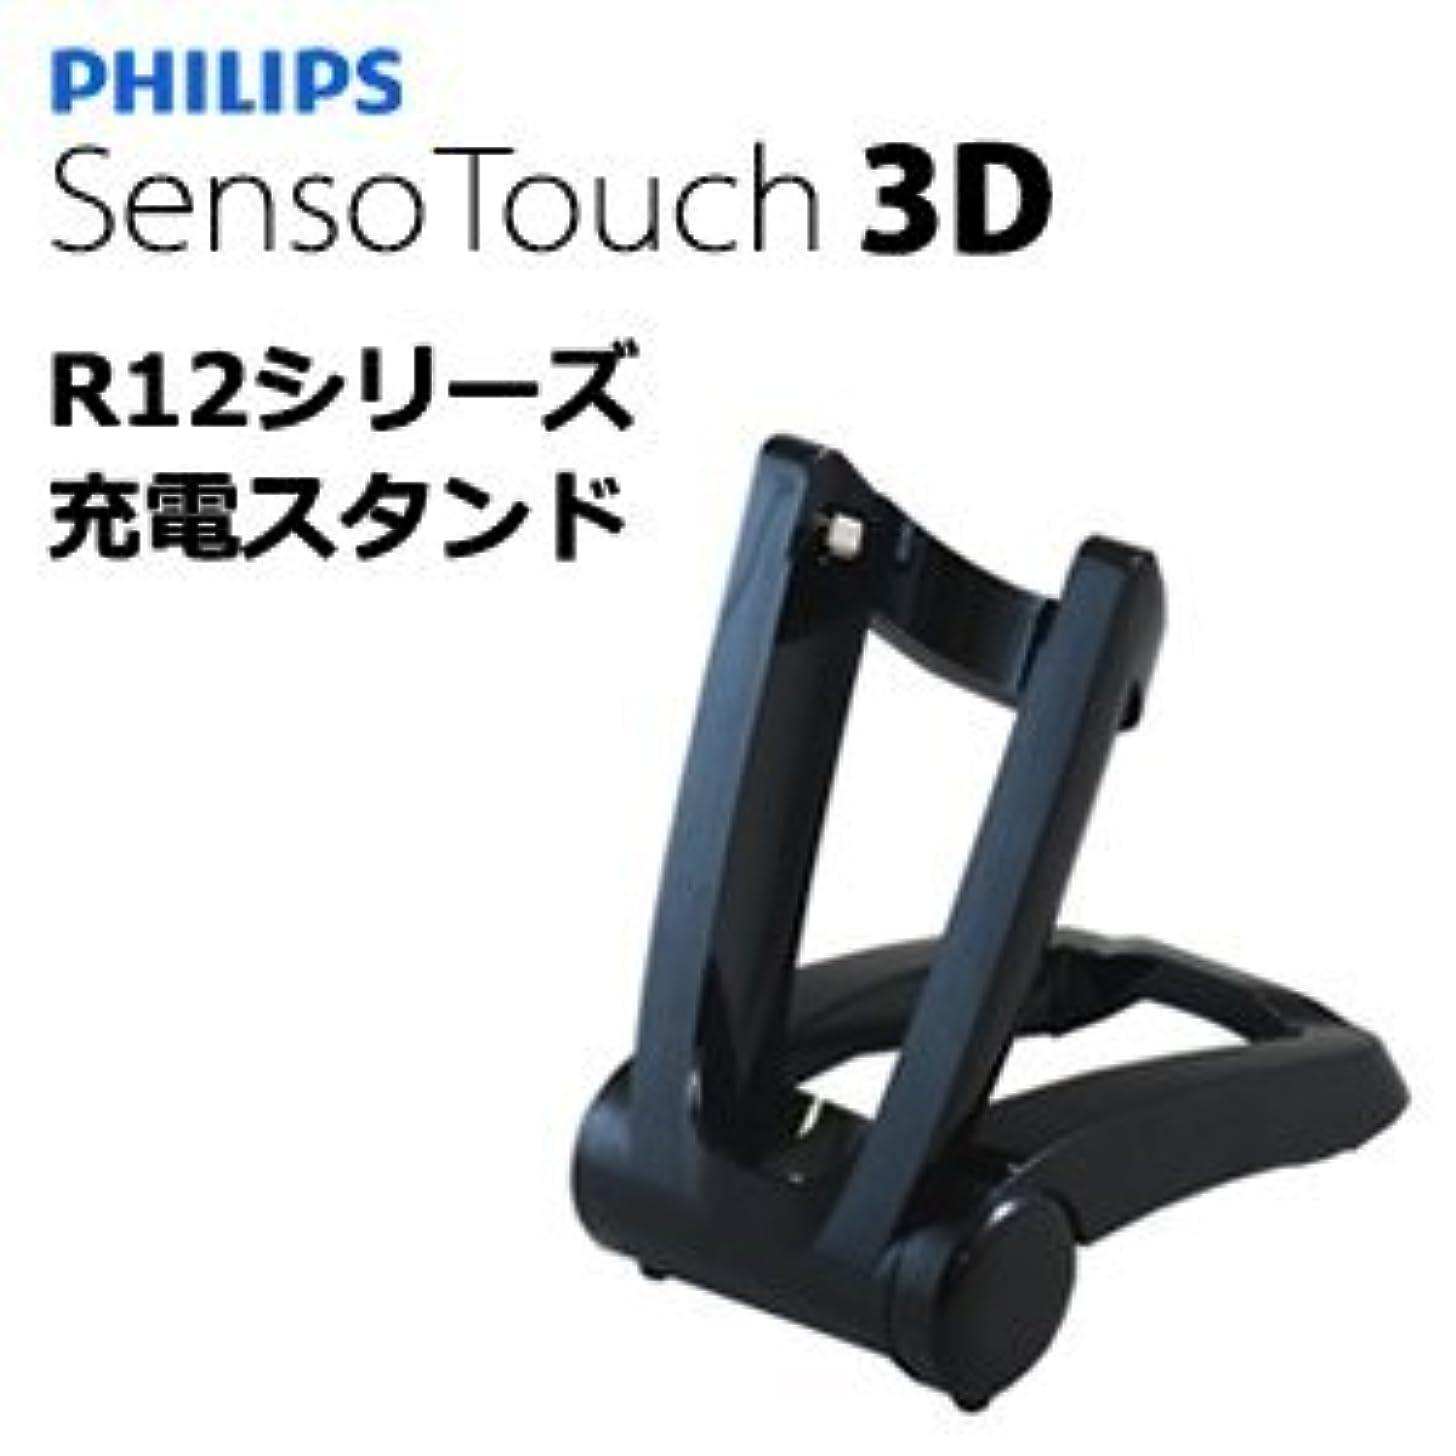 評価する肉屋増強PHILIPS 電動シェーバー Senso Touch 3D RQ12シリーズ 充電器 チャージャースタンド フィリップス センソタッチ シリーズ 携帯 充電器 チャージャー スタンド